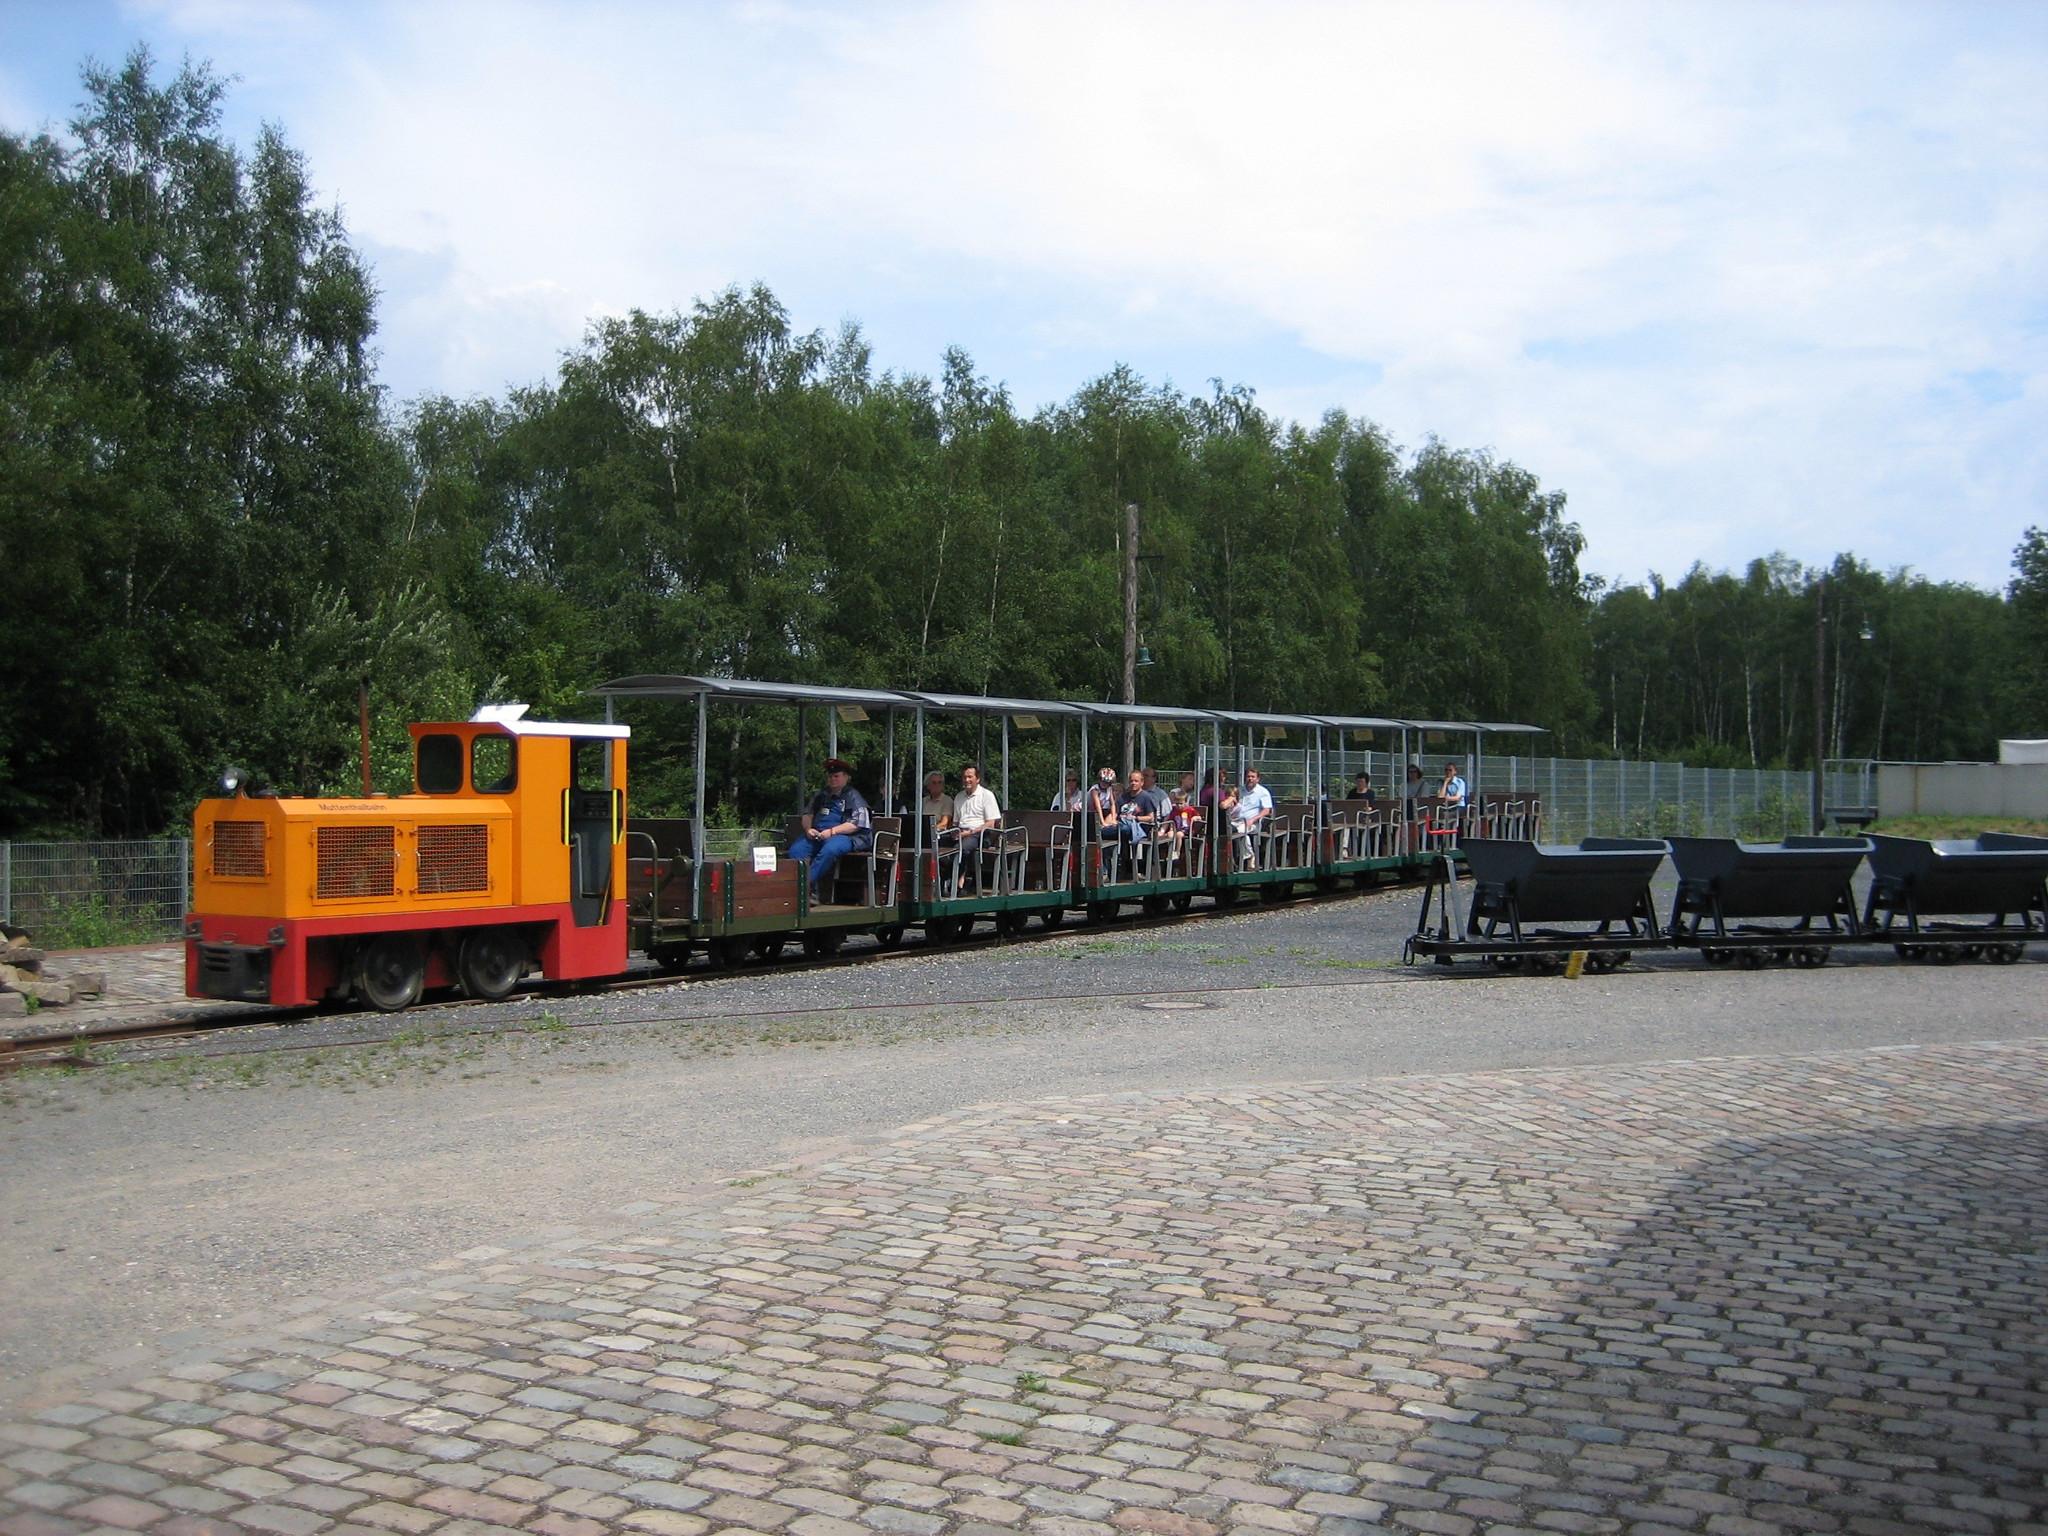 Bahn_8_06 0471